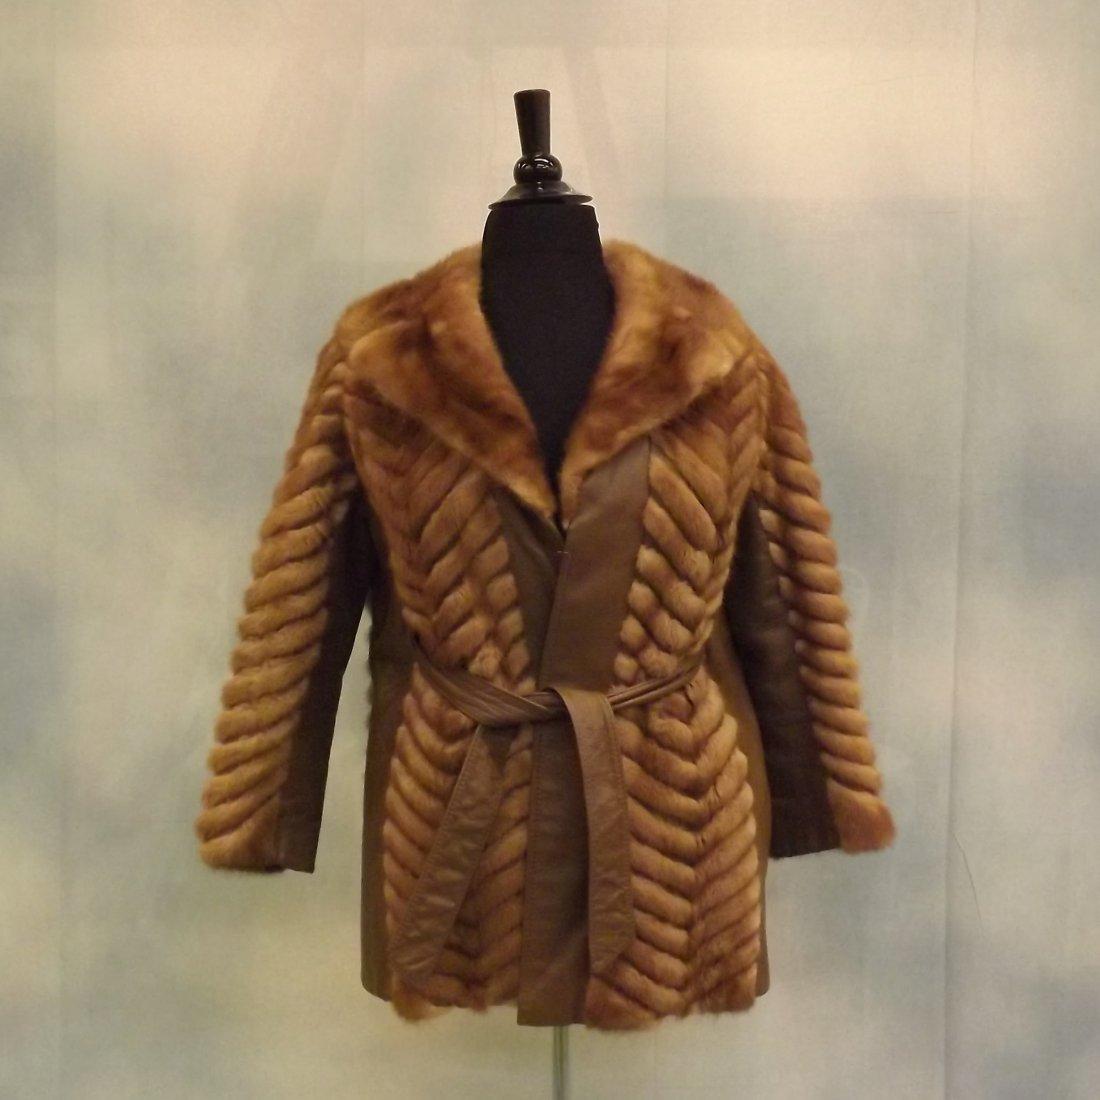 Vintage Leather and Mink Jacket